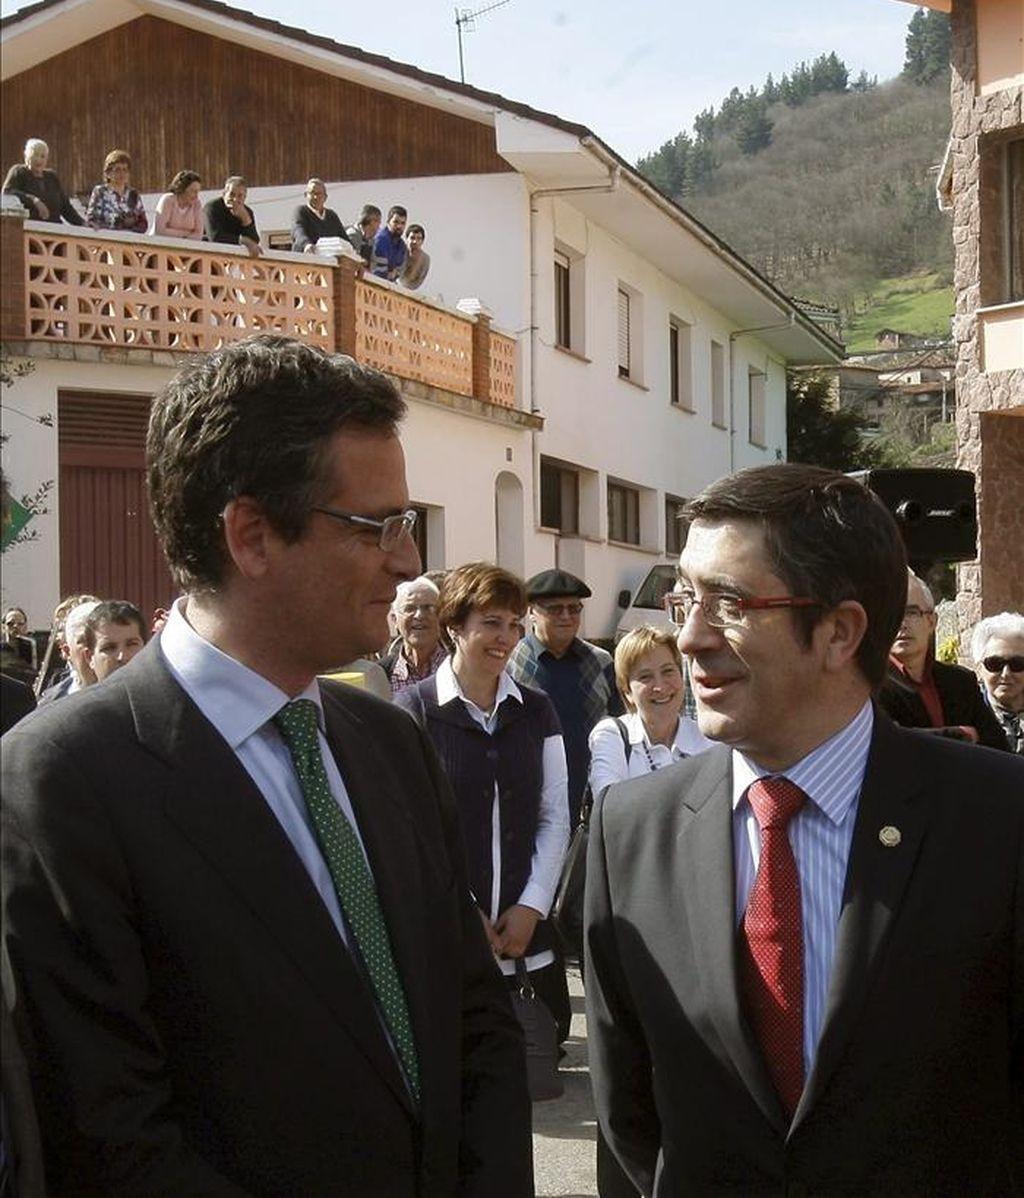 El lehendakari, Patxi López (d), y el presidente del PP vasco, Antonio Basagoiti (i), en Tuña, donde recibieron el pasado mes de marzo recibieron el Premio a las Libertades Rafael de Riego. EFE/Archivo